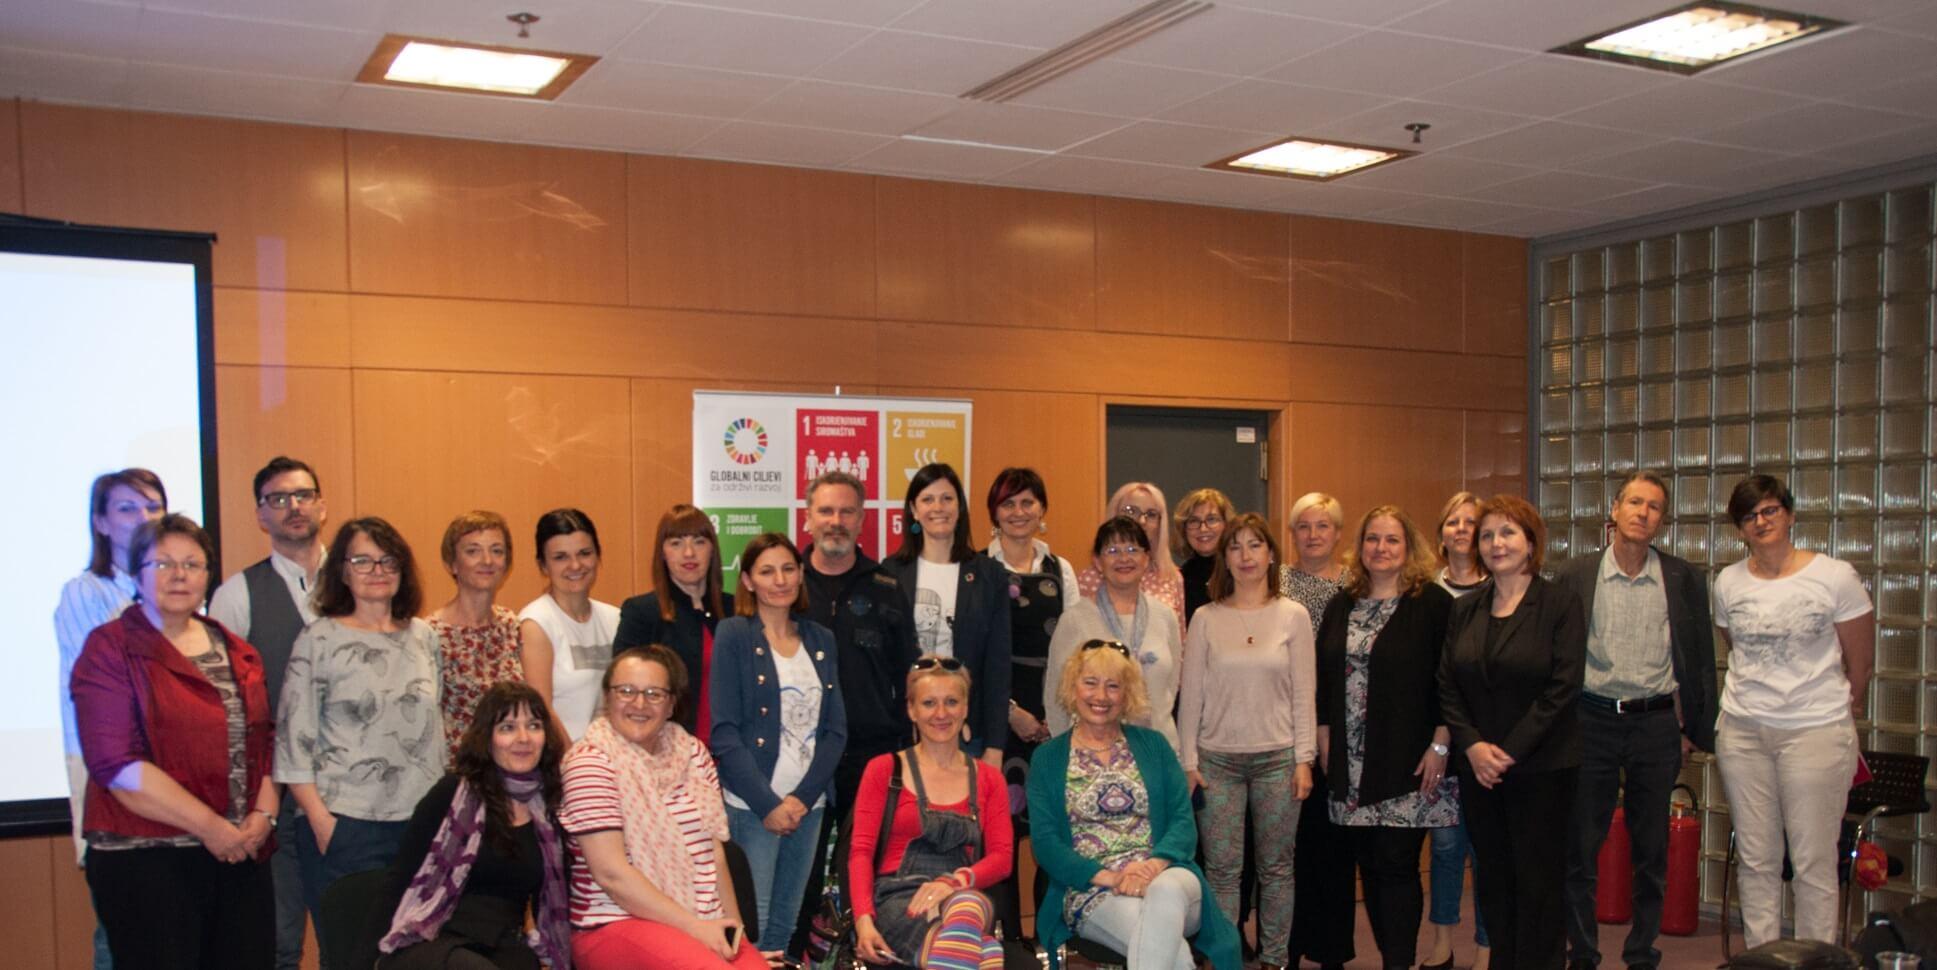 Sudionici radionice o ulozi knjižnica u provođenju UN-ove razvojne strategije Agenda 2030. održane u Nacionalnoj i sveučilišnoj knjižnici u Zagrebu 17. i 18. travnja 2018. godine.